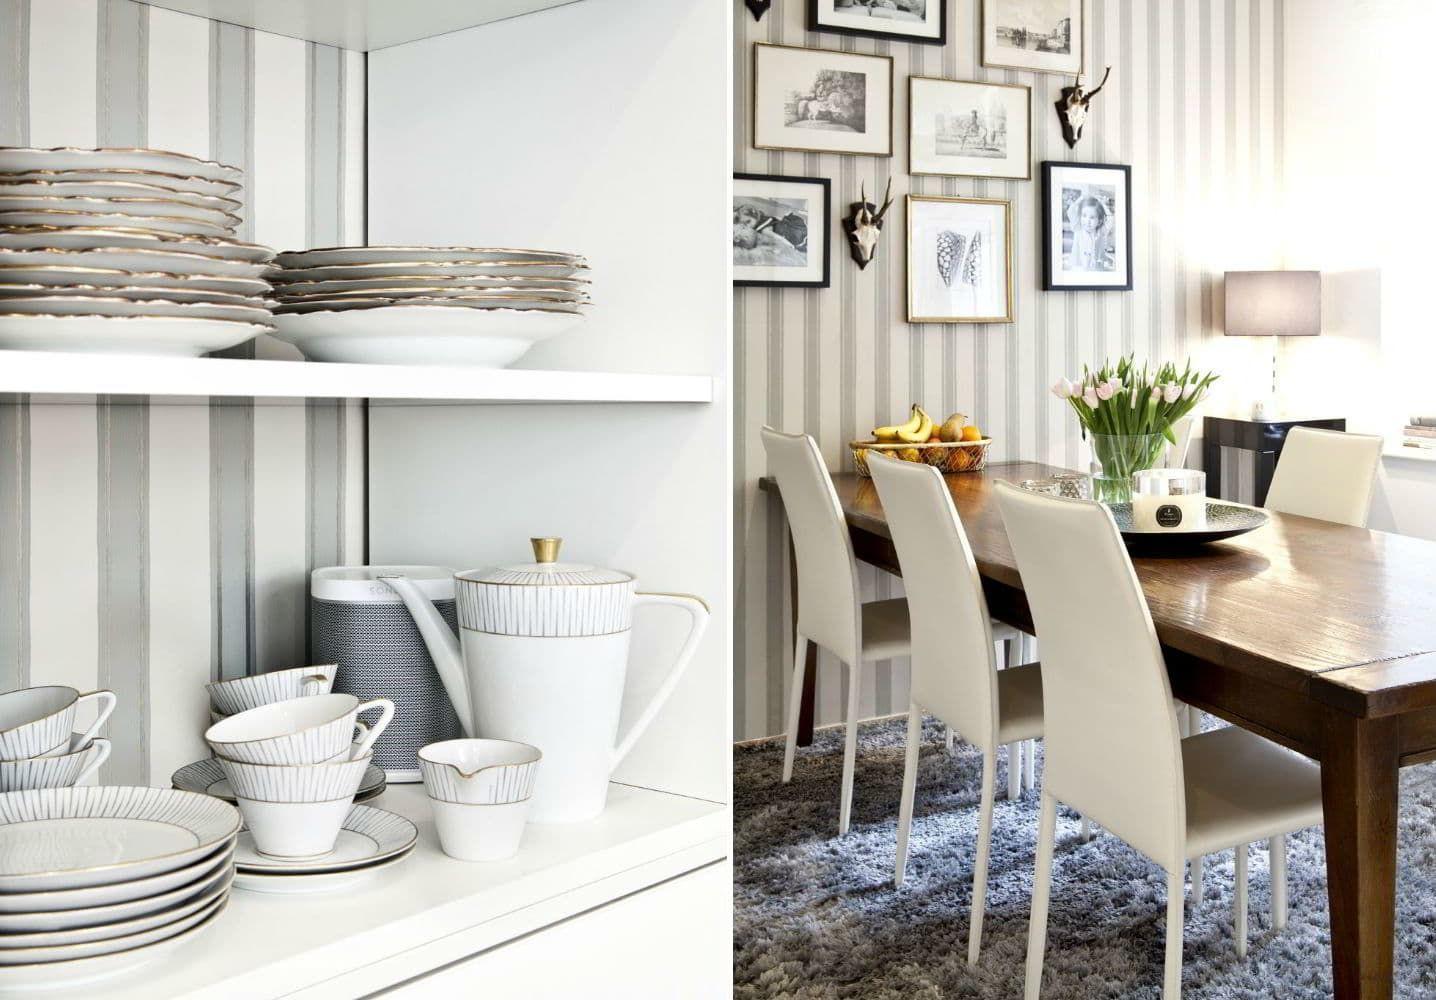 Arredamento Parigino ~ Dalani stile parigino new york casa living parigi